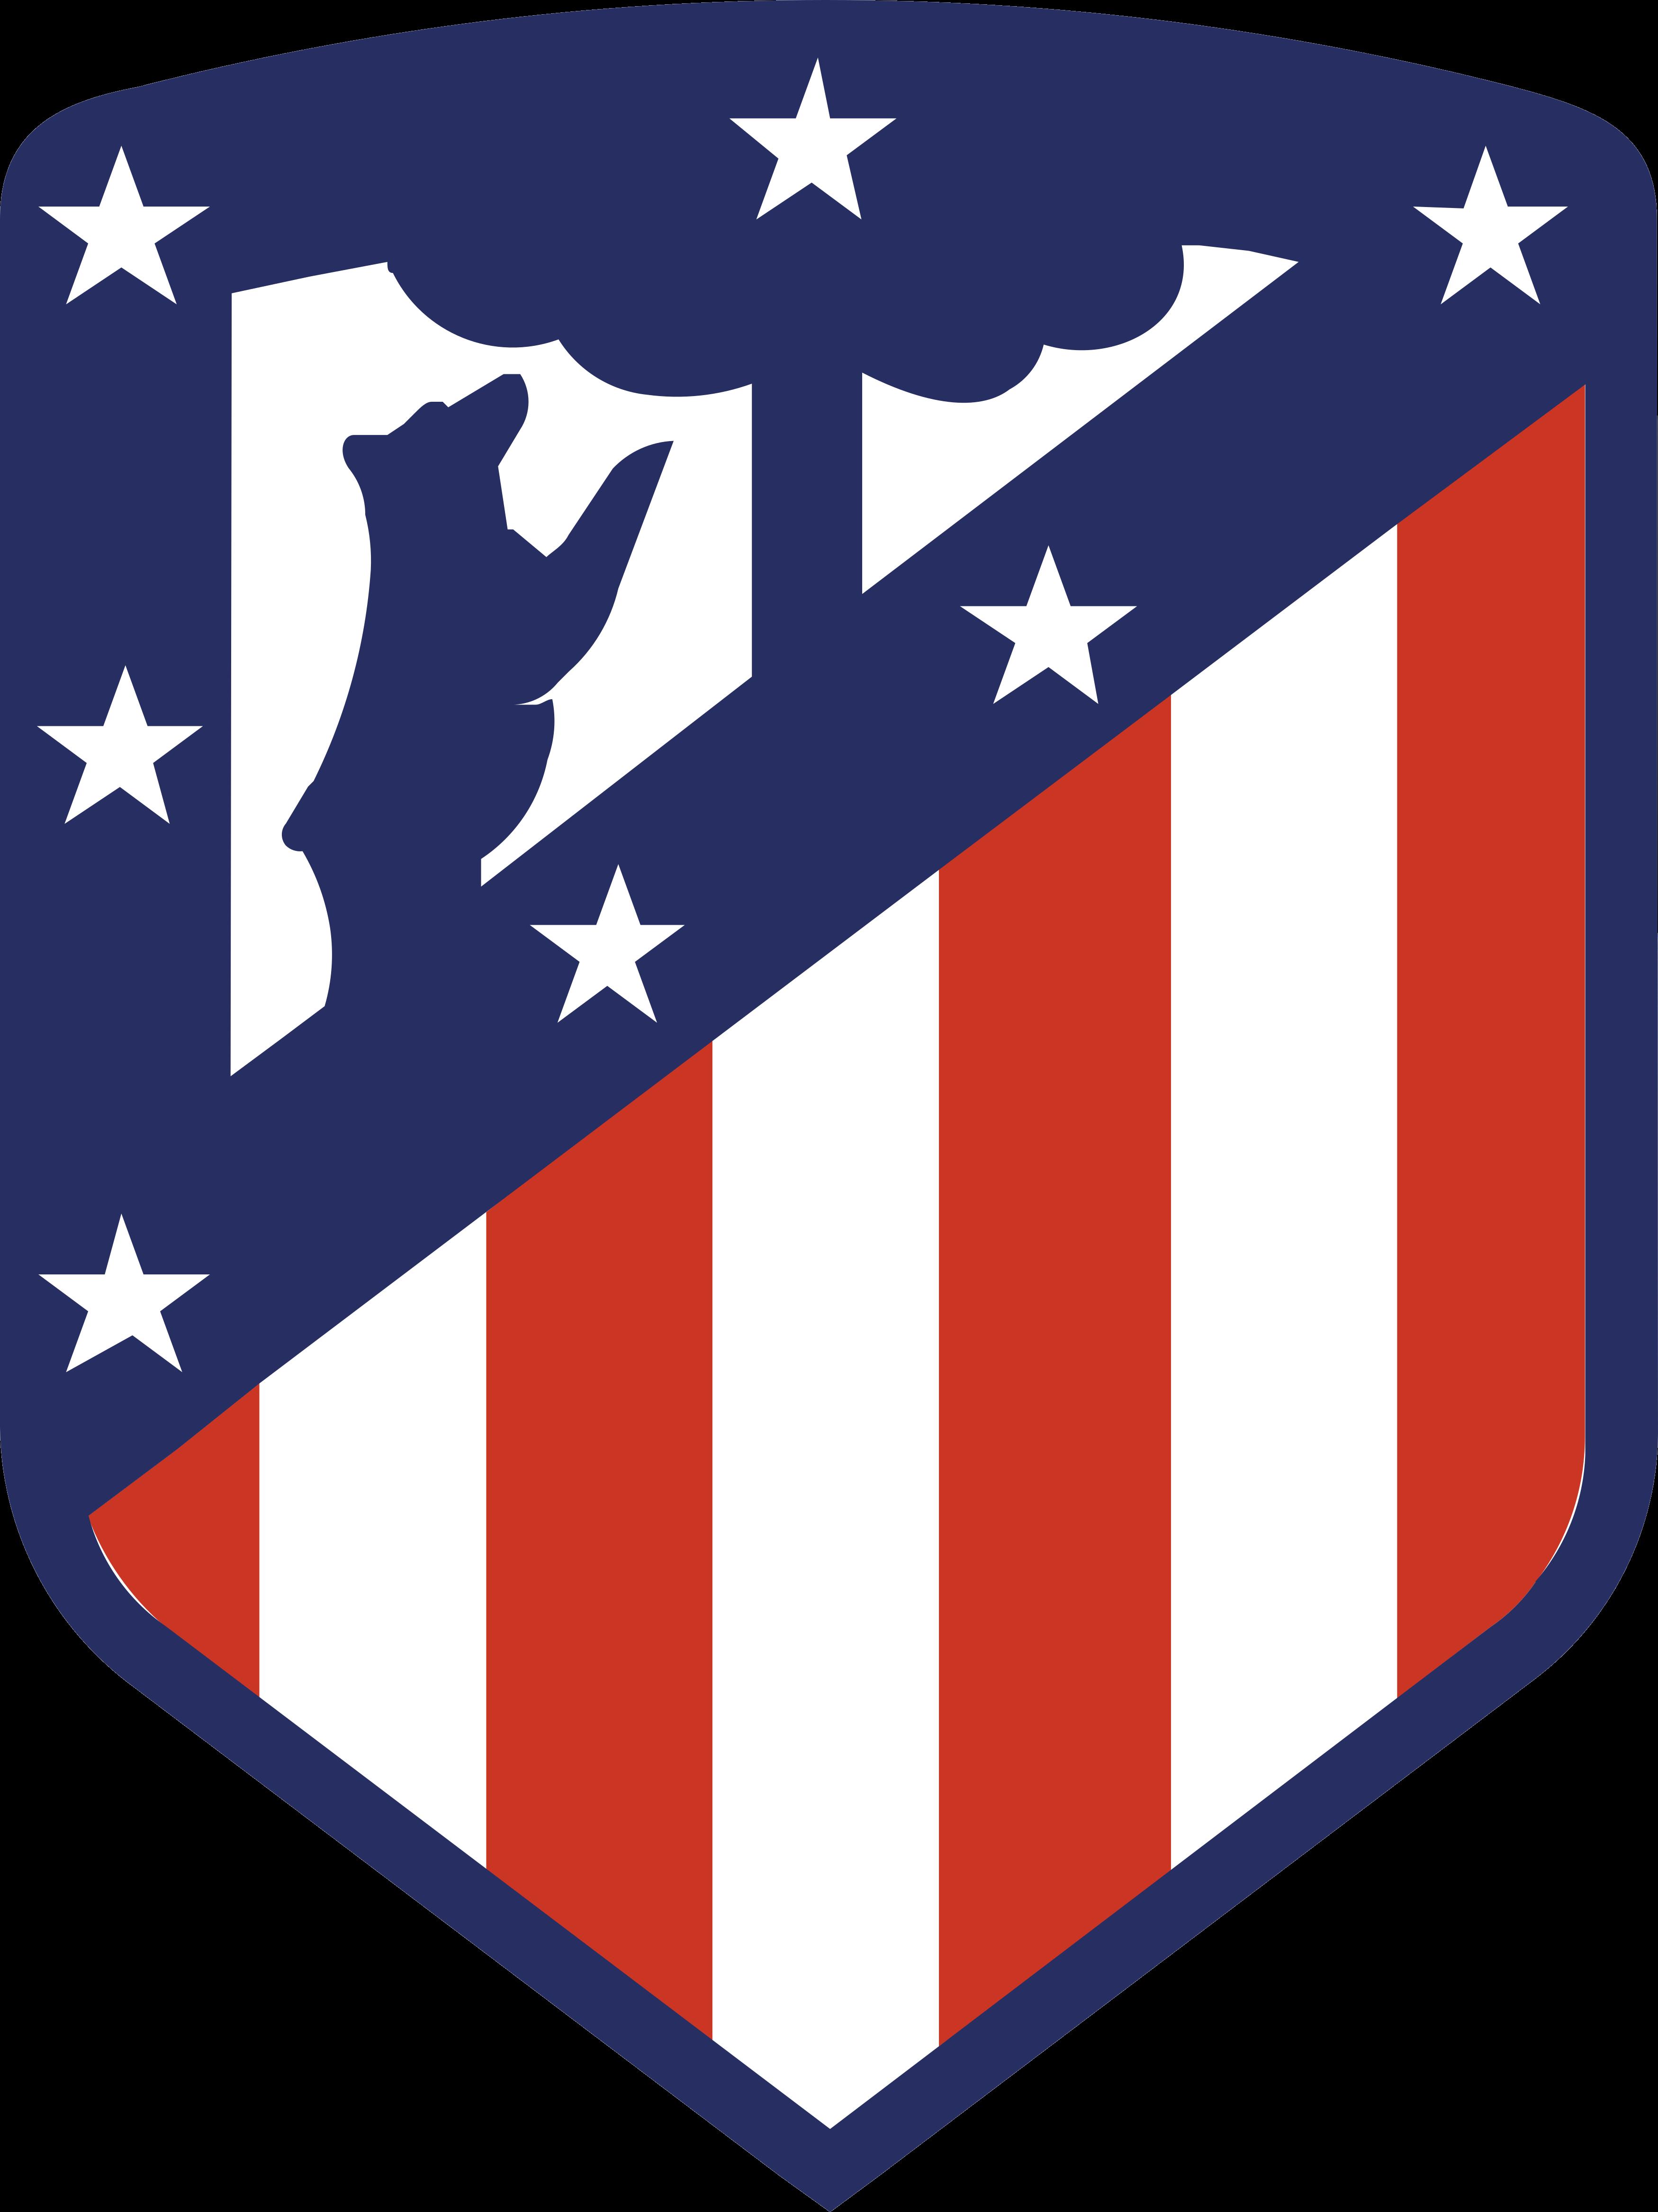 atletico madrid logo - Club Atlético de Madrid Logo - Escudo